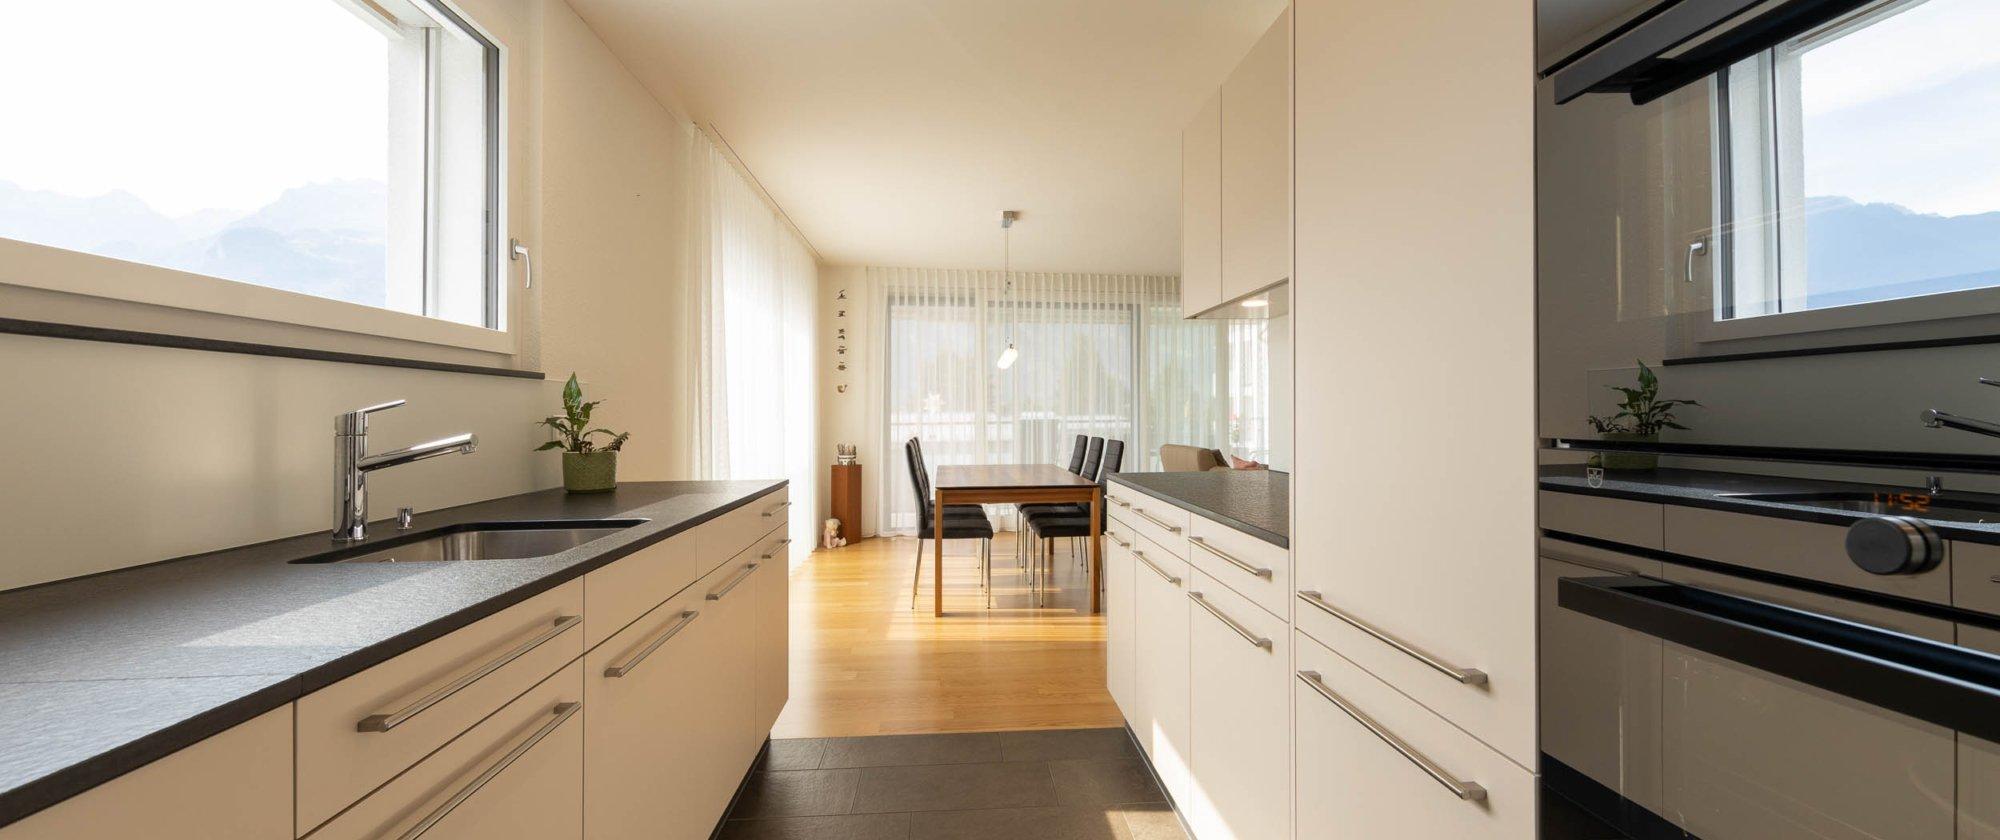 elegante Küche mit modernsten Geräten